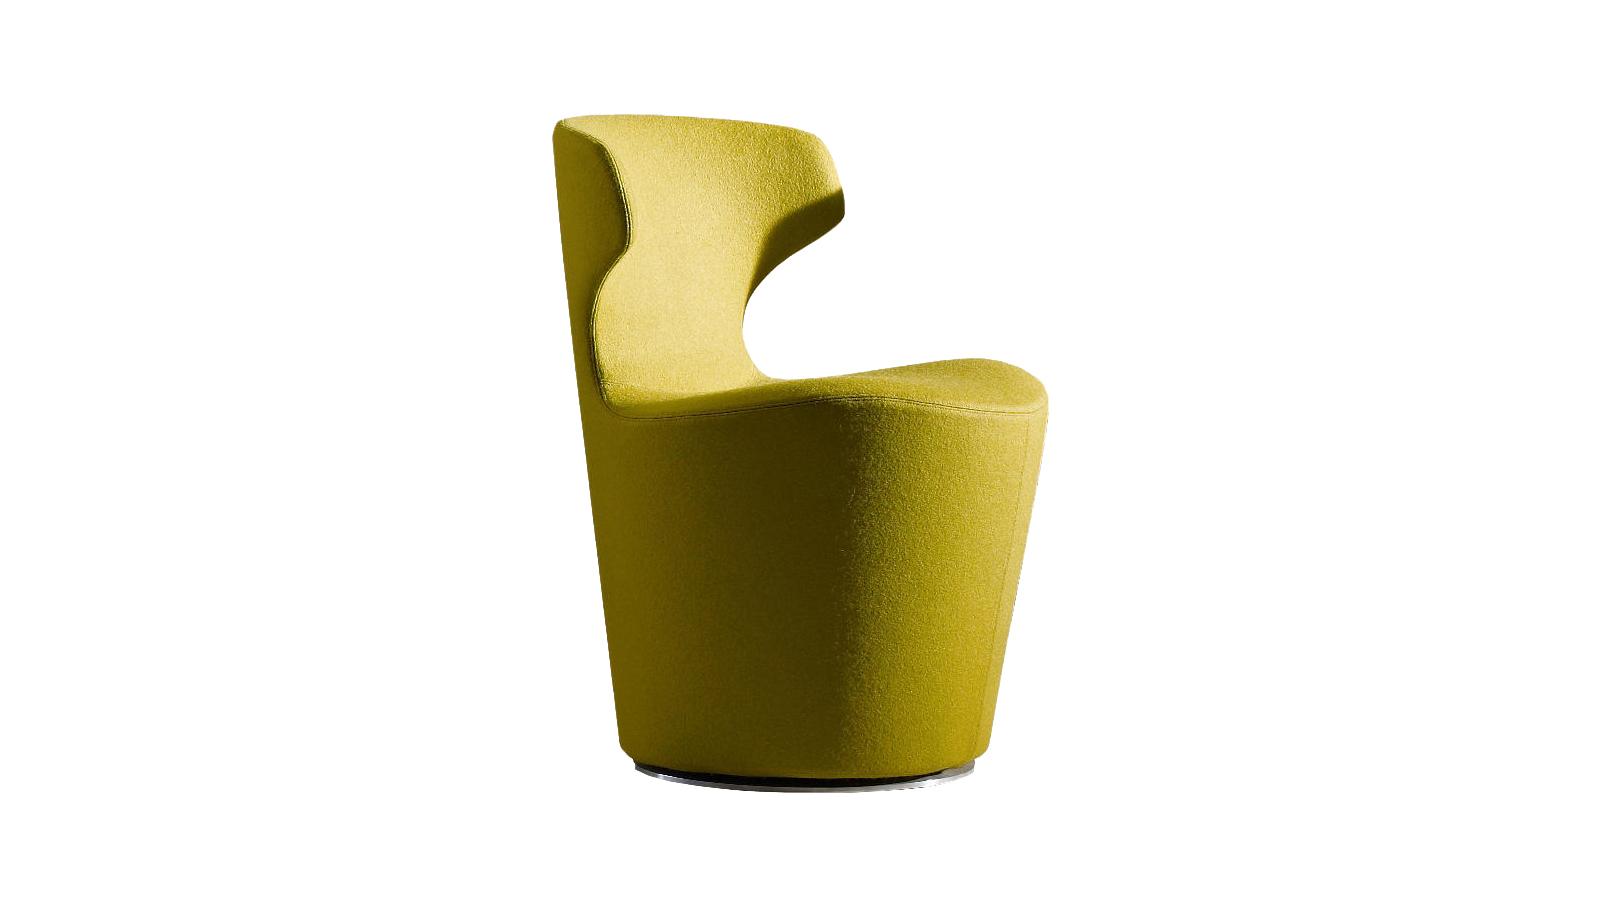 Naoto Fukasawa designer alkotása több méretben kapható a B&B Italia kínálatában. Ez a mini változat megőrizte az eredeti erényeit: 360 fokban elforgatható, látványosságát pedig a tömör bútortest és a pillangóra emlékeztető, könnyed háttámla kontrasztja biztosítja. A mini választás ideális lehet olyan terekbe, ahol sok kisebb ülőbútorra van szükség.